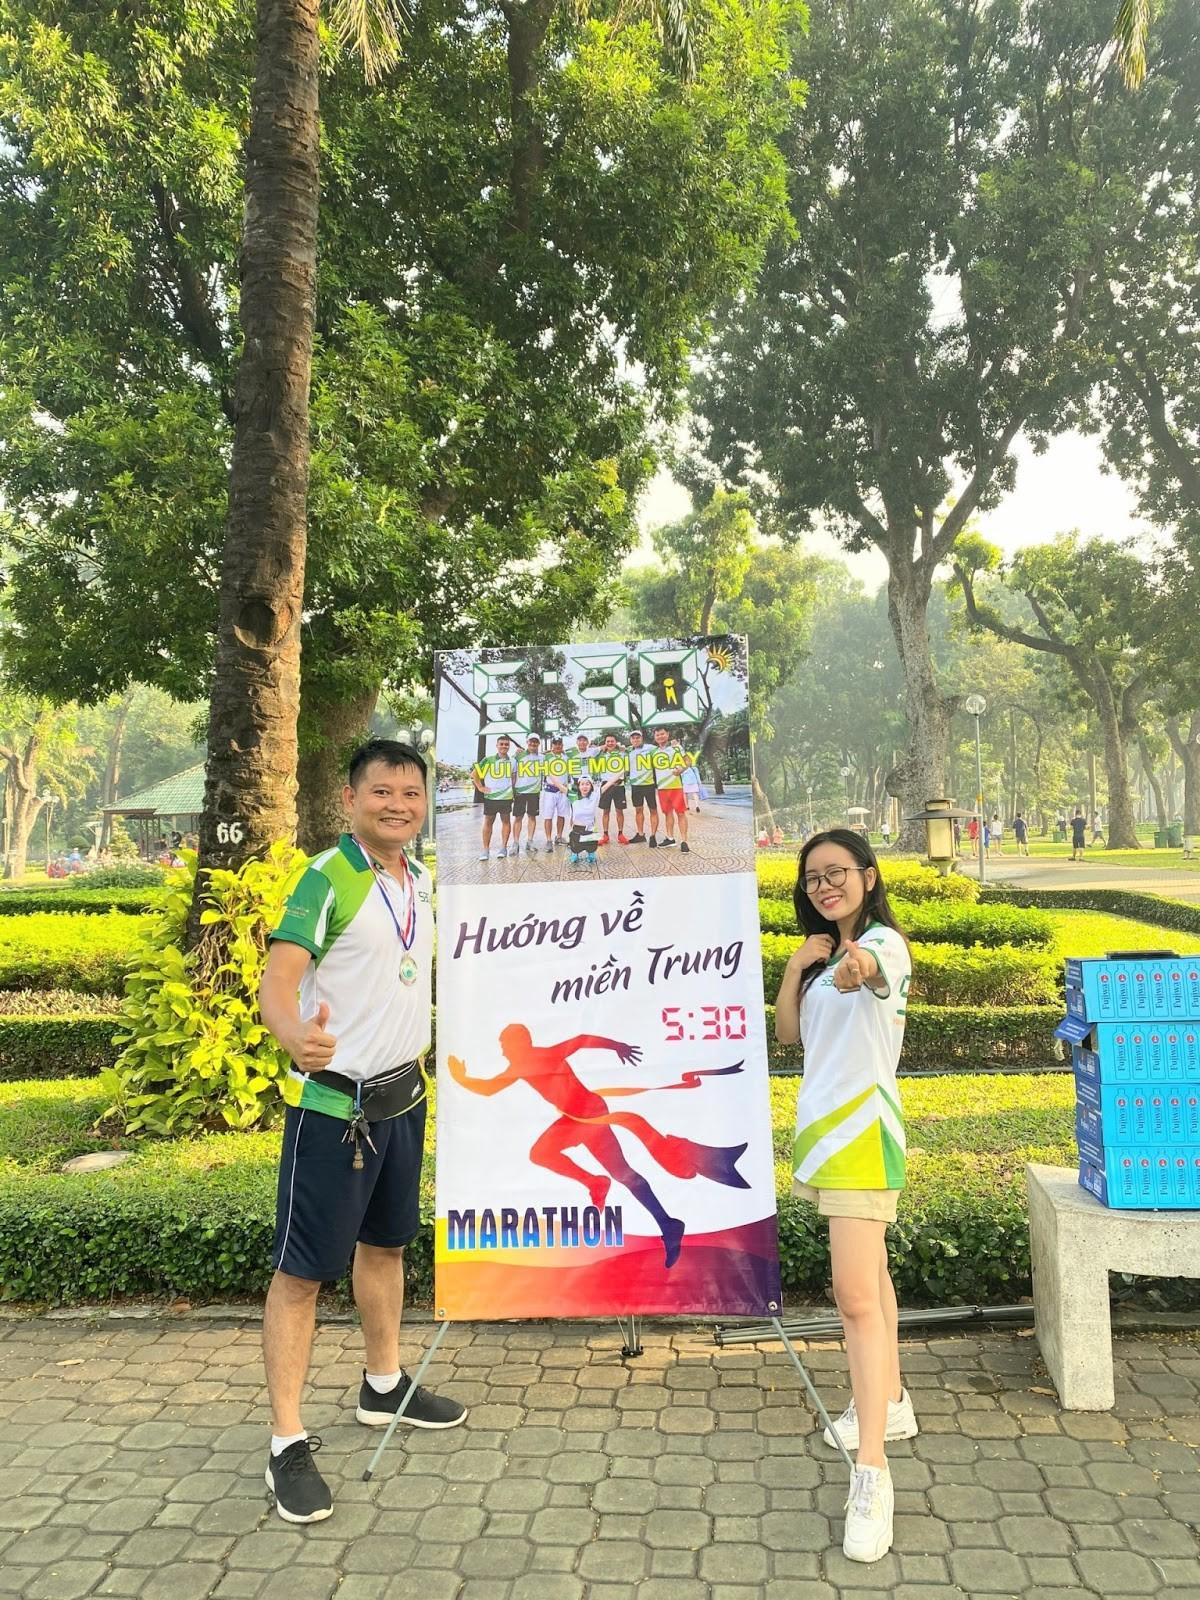 Cuộc thi chạy bộ 5h30 Marathon- ''Vì Miền Trung thân yêu'' 21